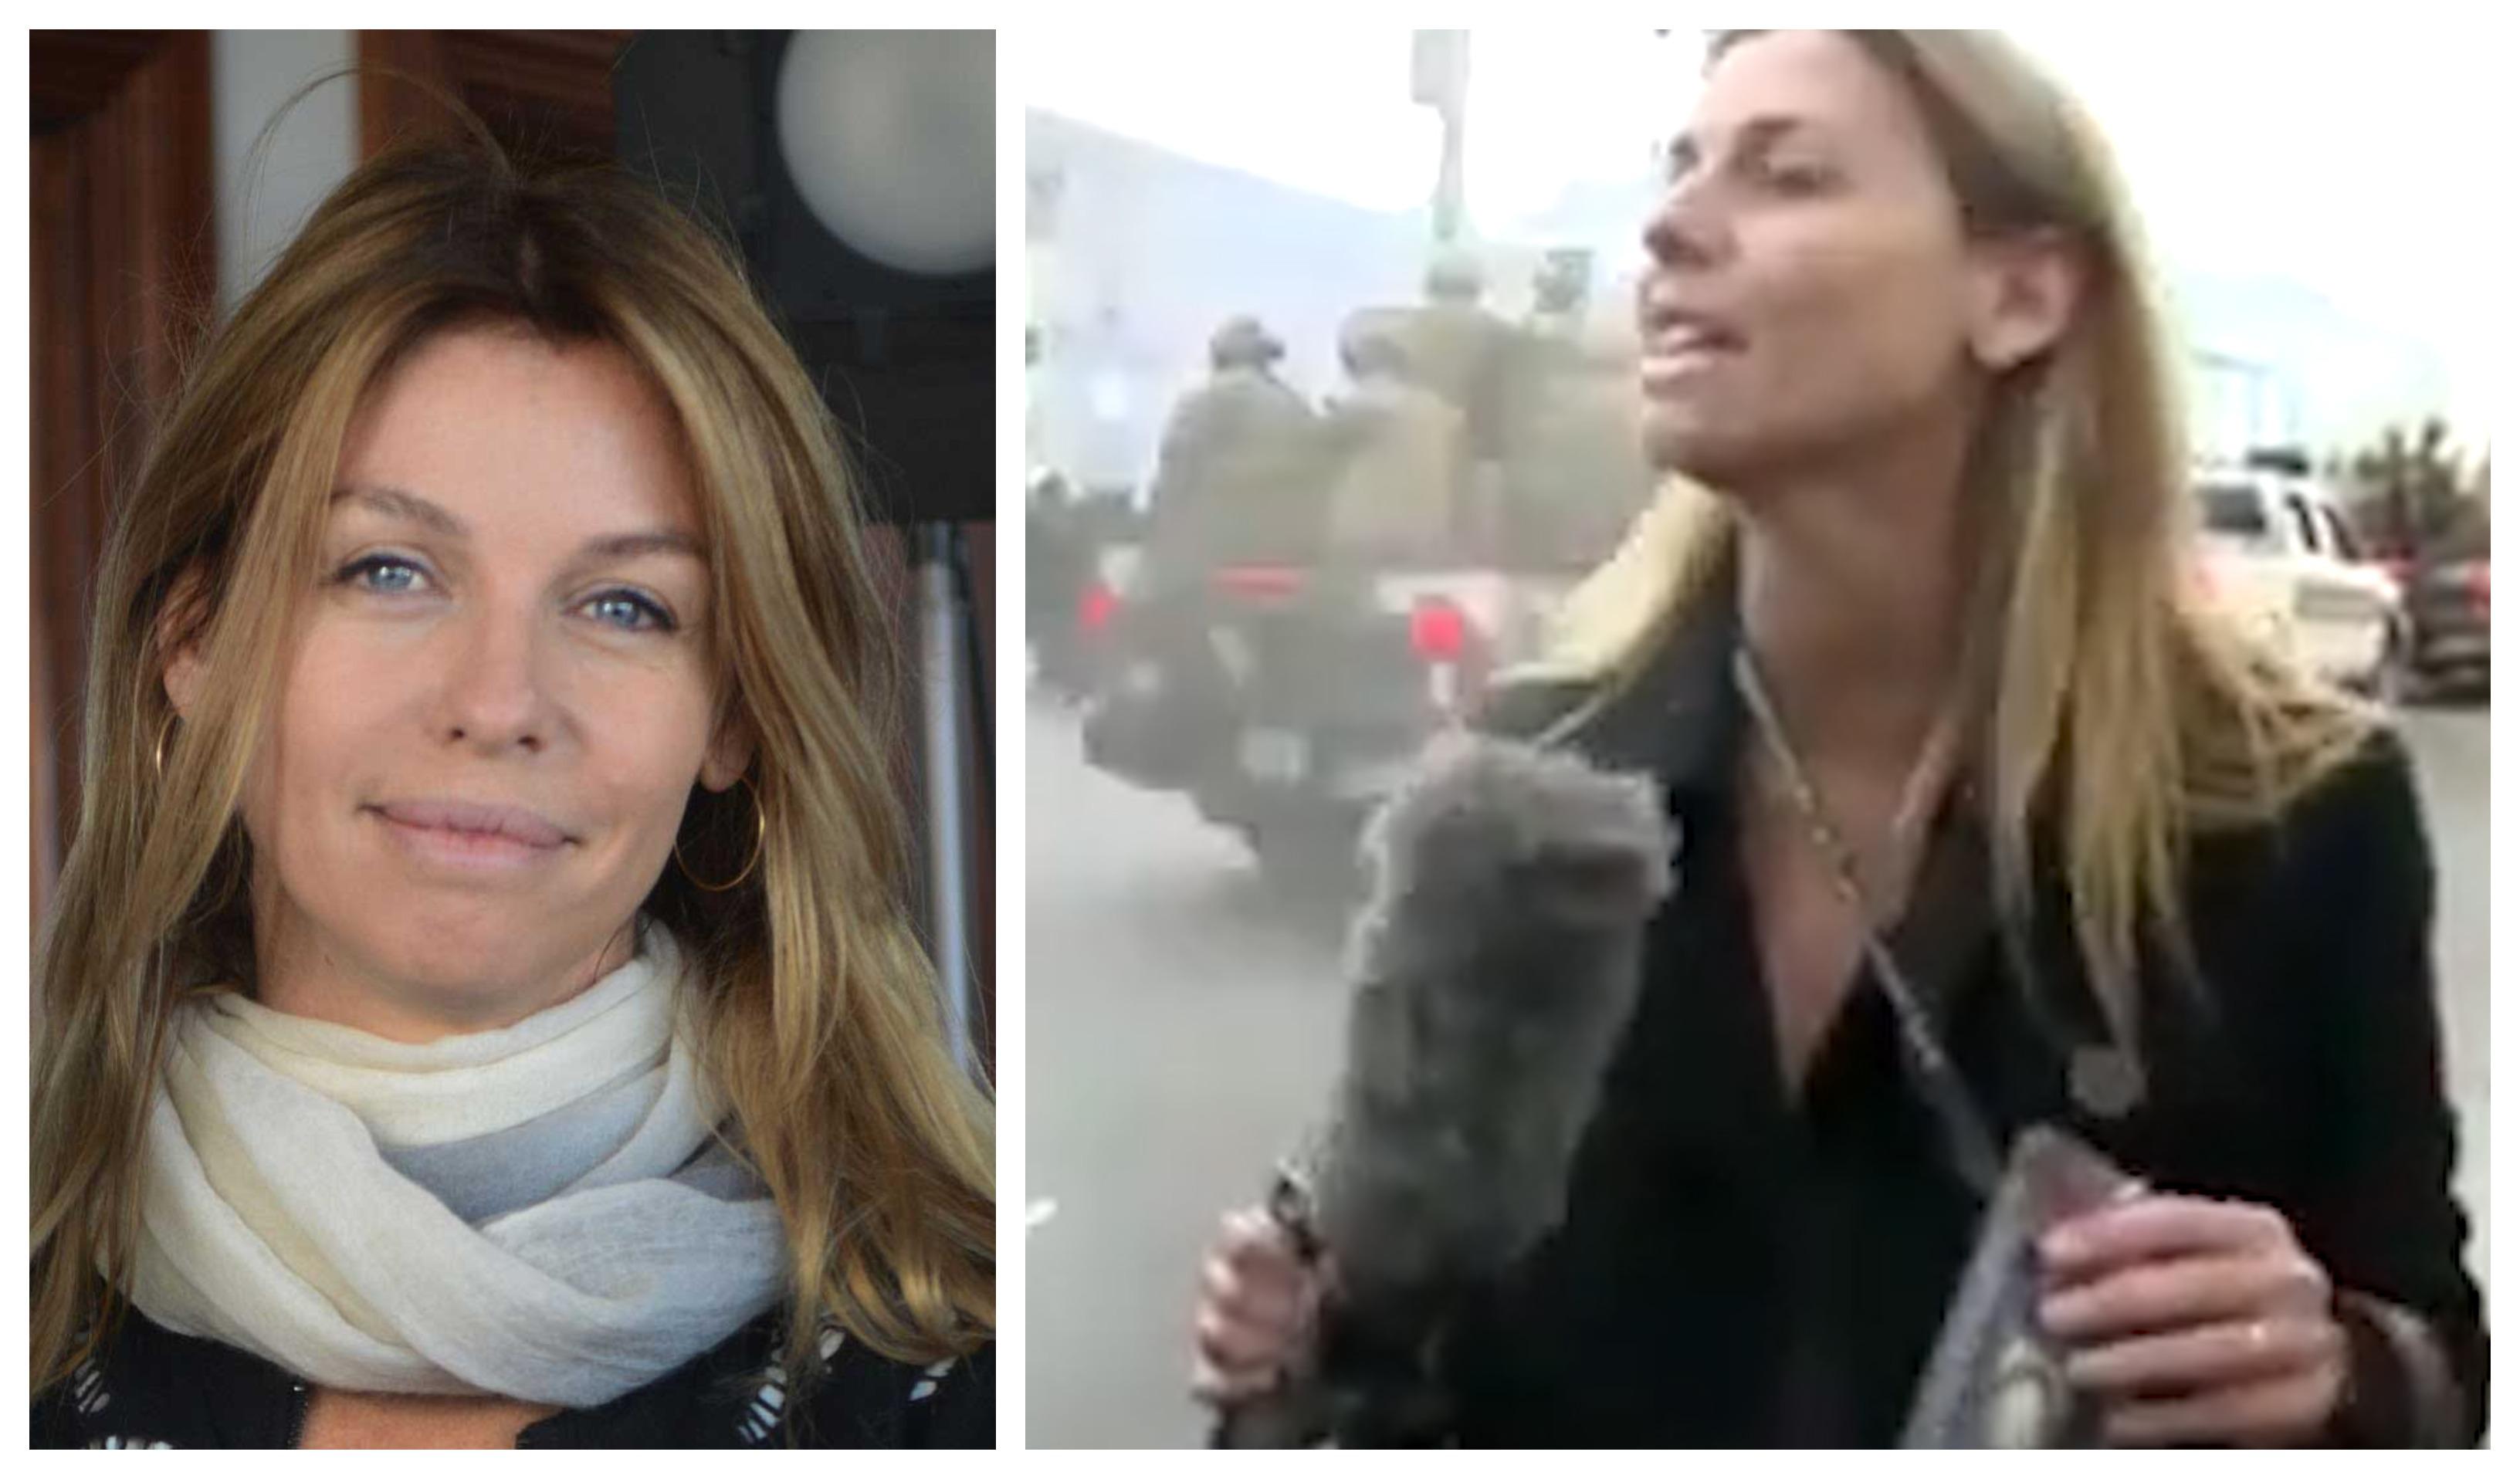 Bolivia: Policía roció gas lacrimógeno a periodista argentina en plena cobertura